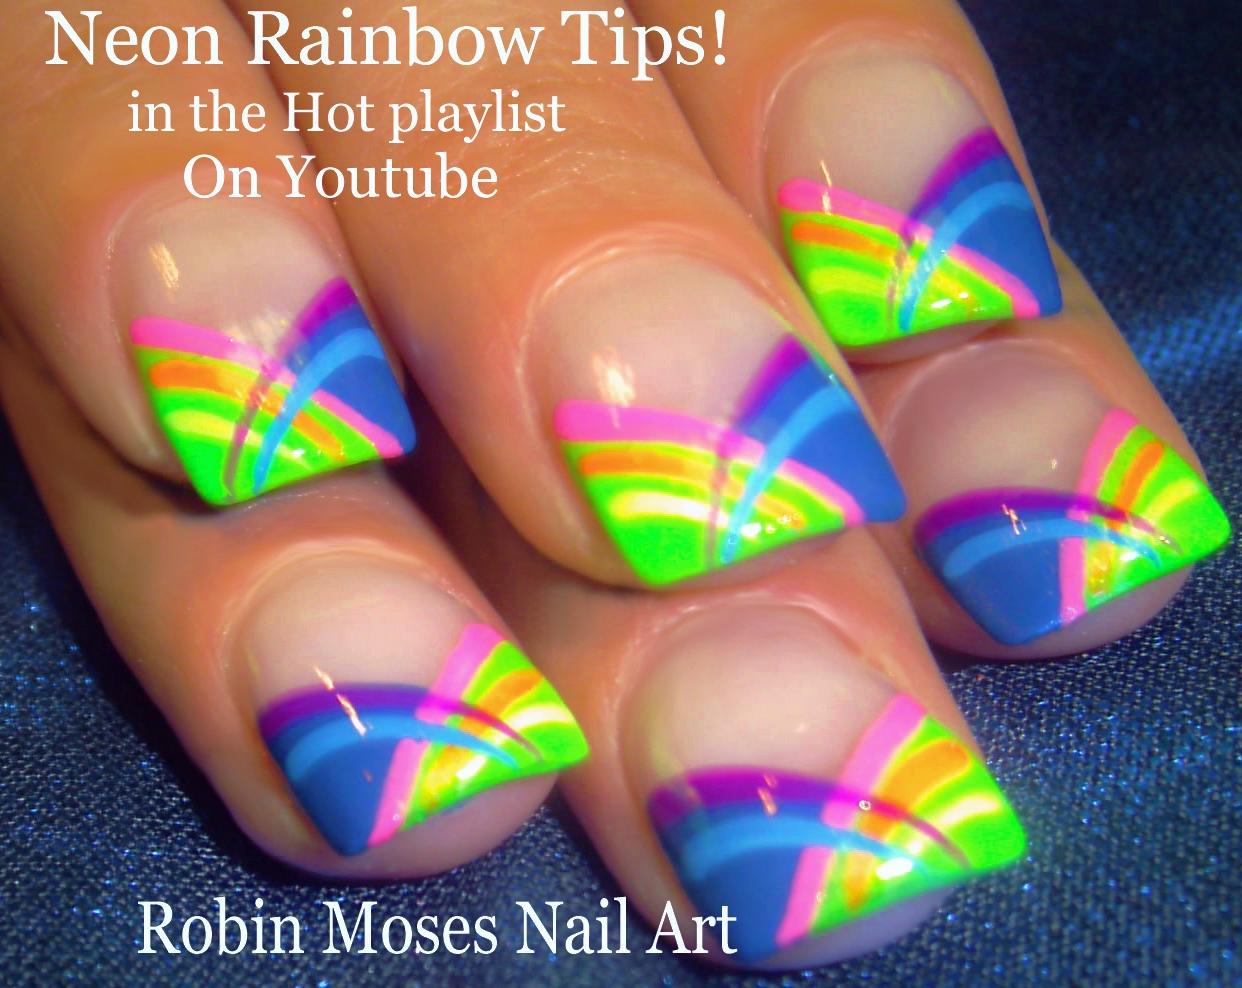 Robin Moses Nail Art: Hot Summer Nail Art Ideas full of ...